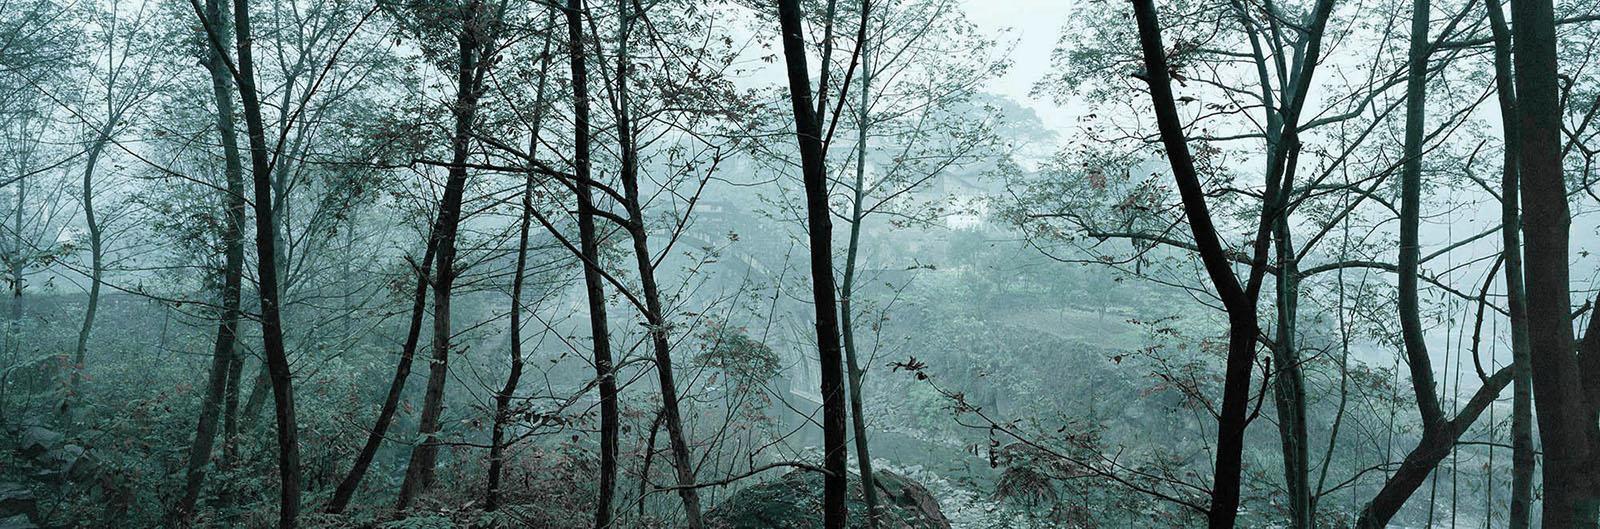 Zeng Nian,Le pont de Xuxian («histoire des ancêtres»), district de Yunyang, Chobqing Chine. 2002. Tirage jet d'encre sur papier INNOVA Exhibition Photo Baryta 310 gsm, 128.6X42.5cm / 01/15